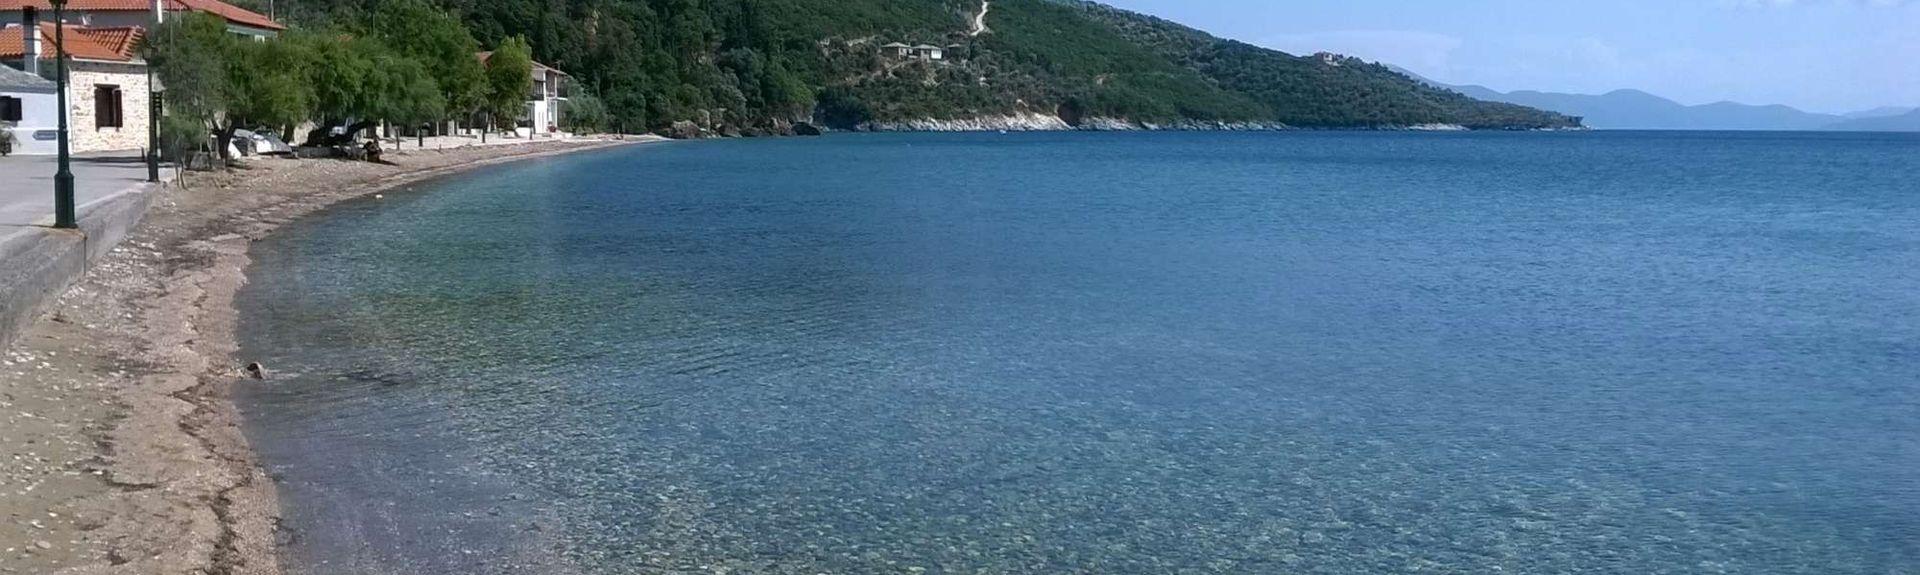 Megali Ammos-stranden, Skiathos, Thessalia Sterea Ellada, Hellas